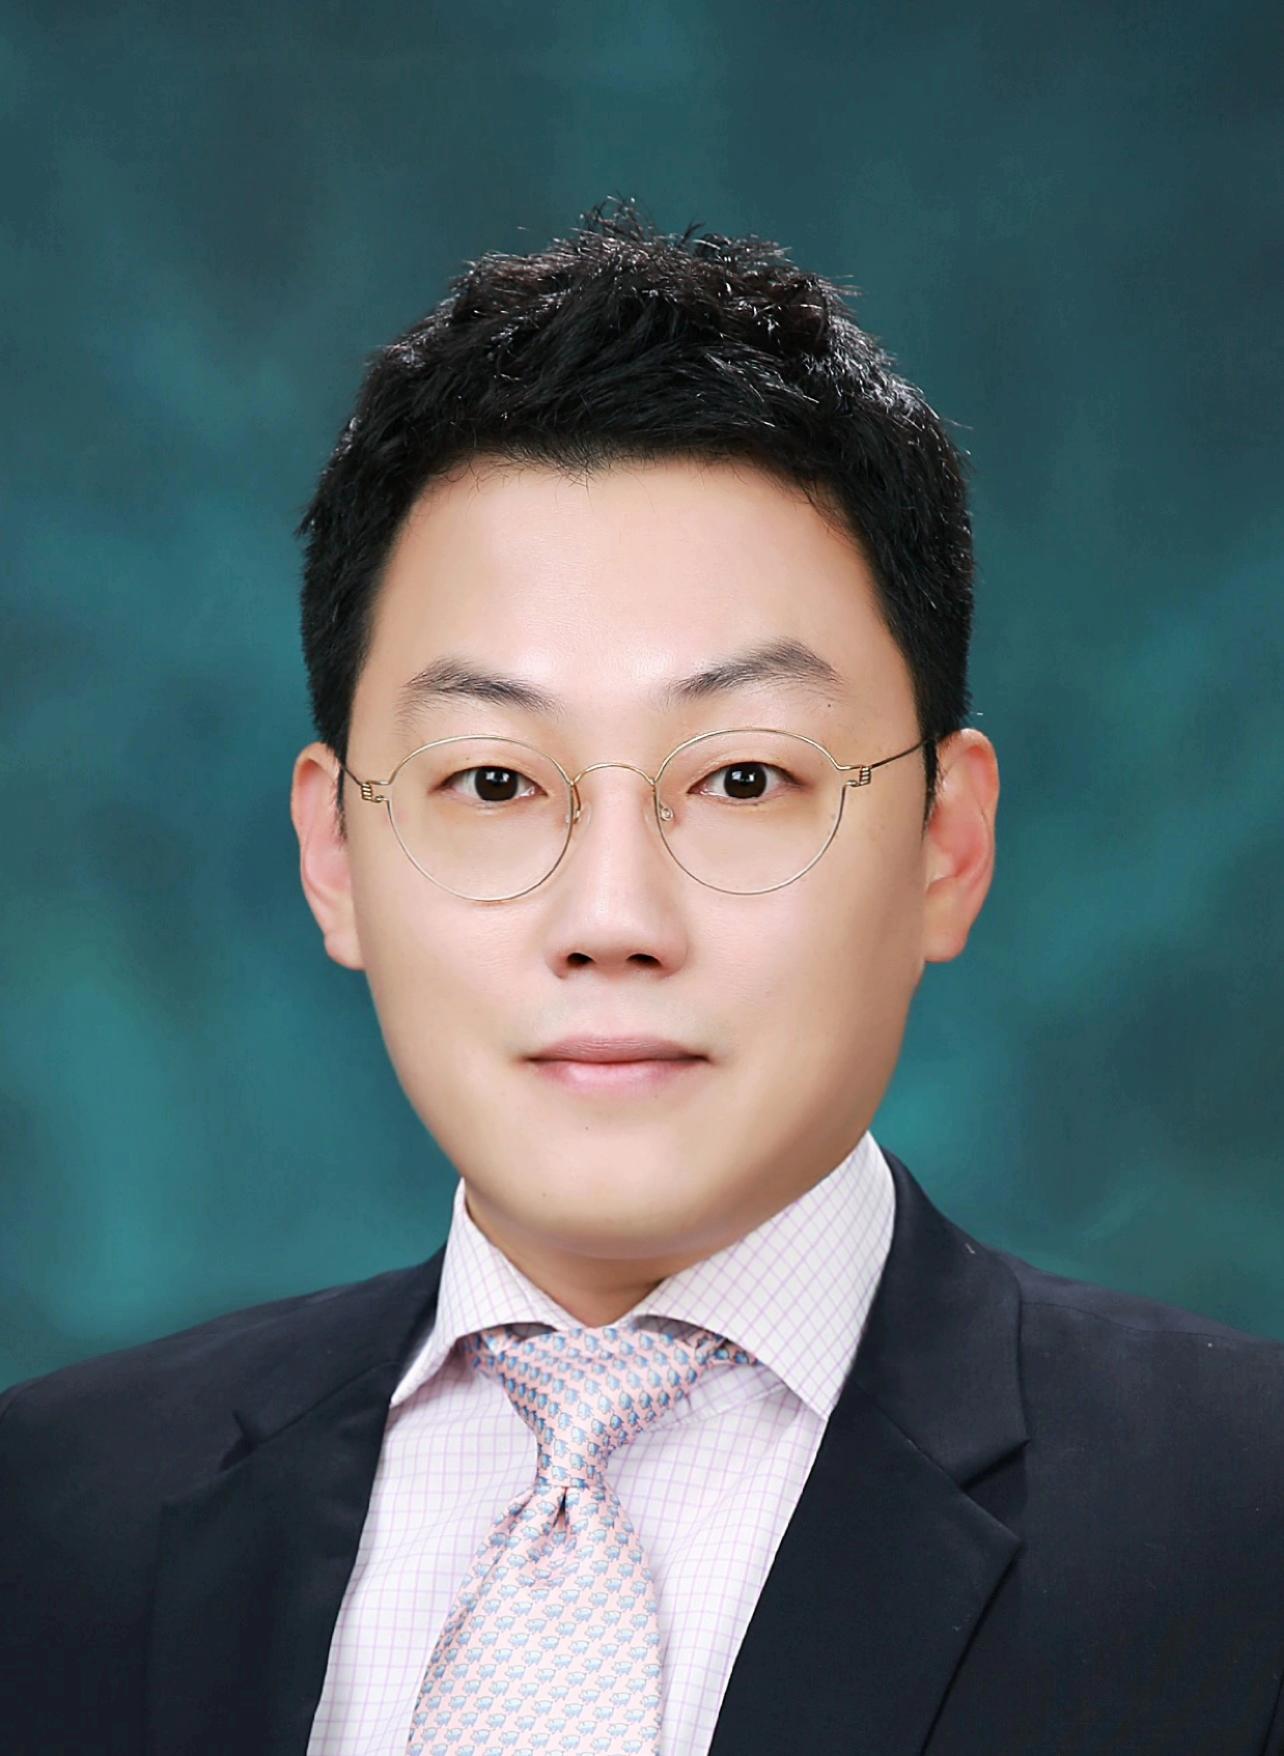 박민수 프로필 사진